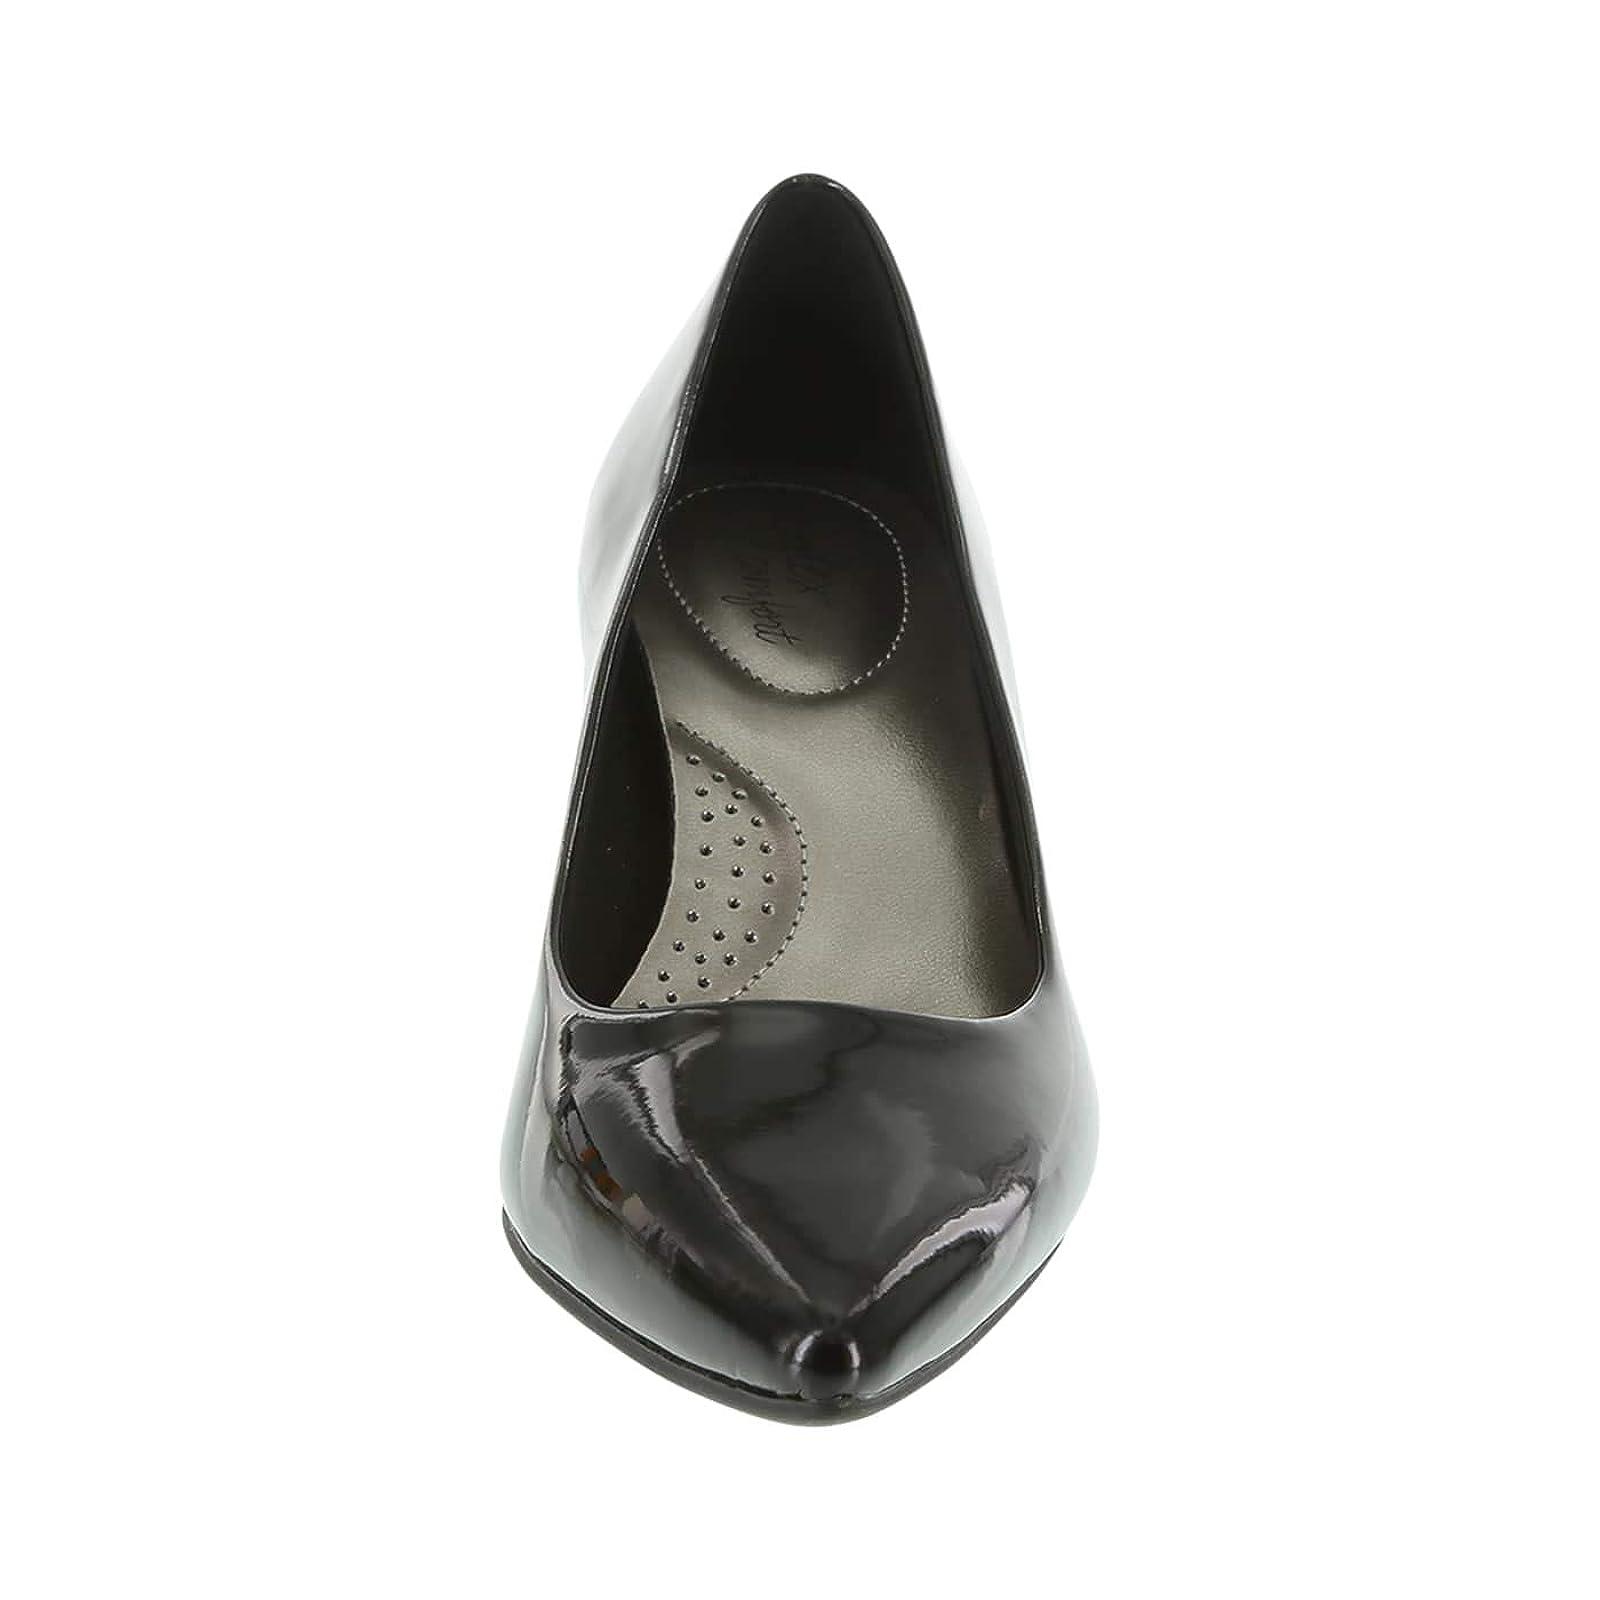 Dexflex Women's Jeanne Pointed-Toe Pump 6 M US - 3